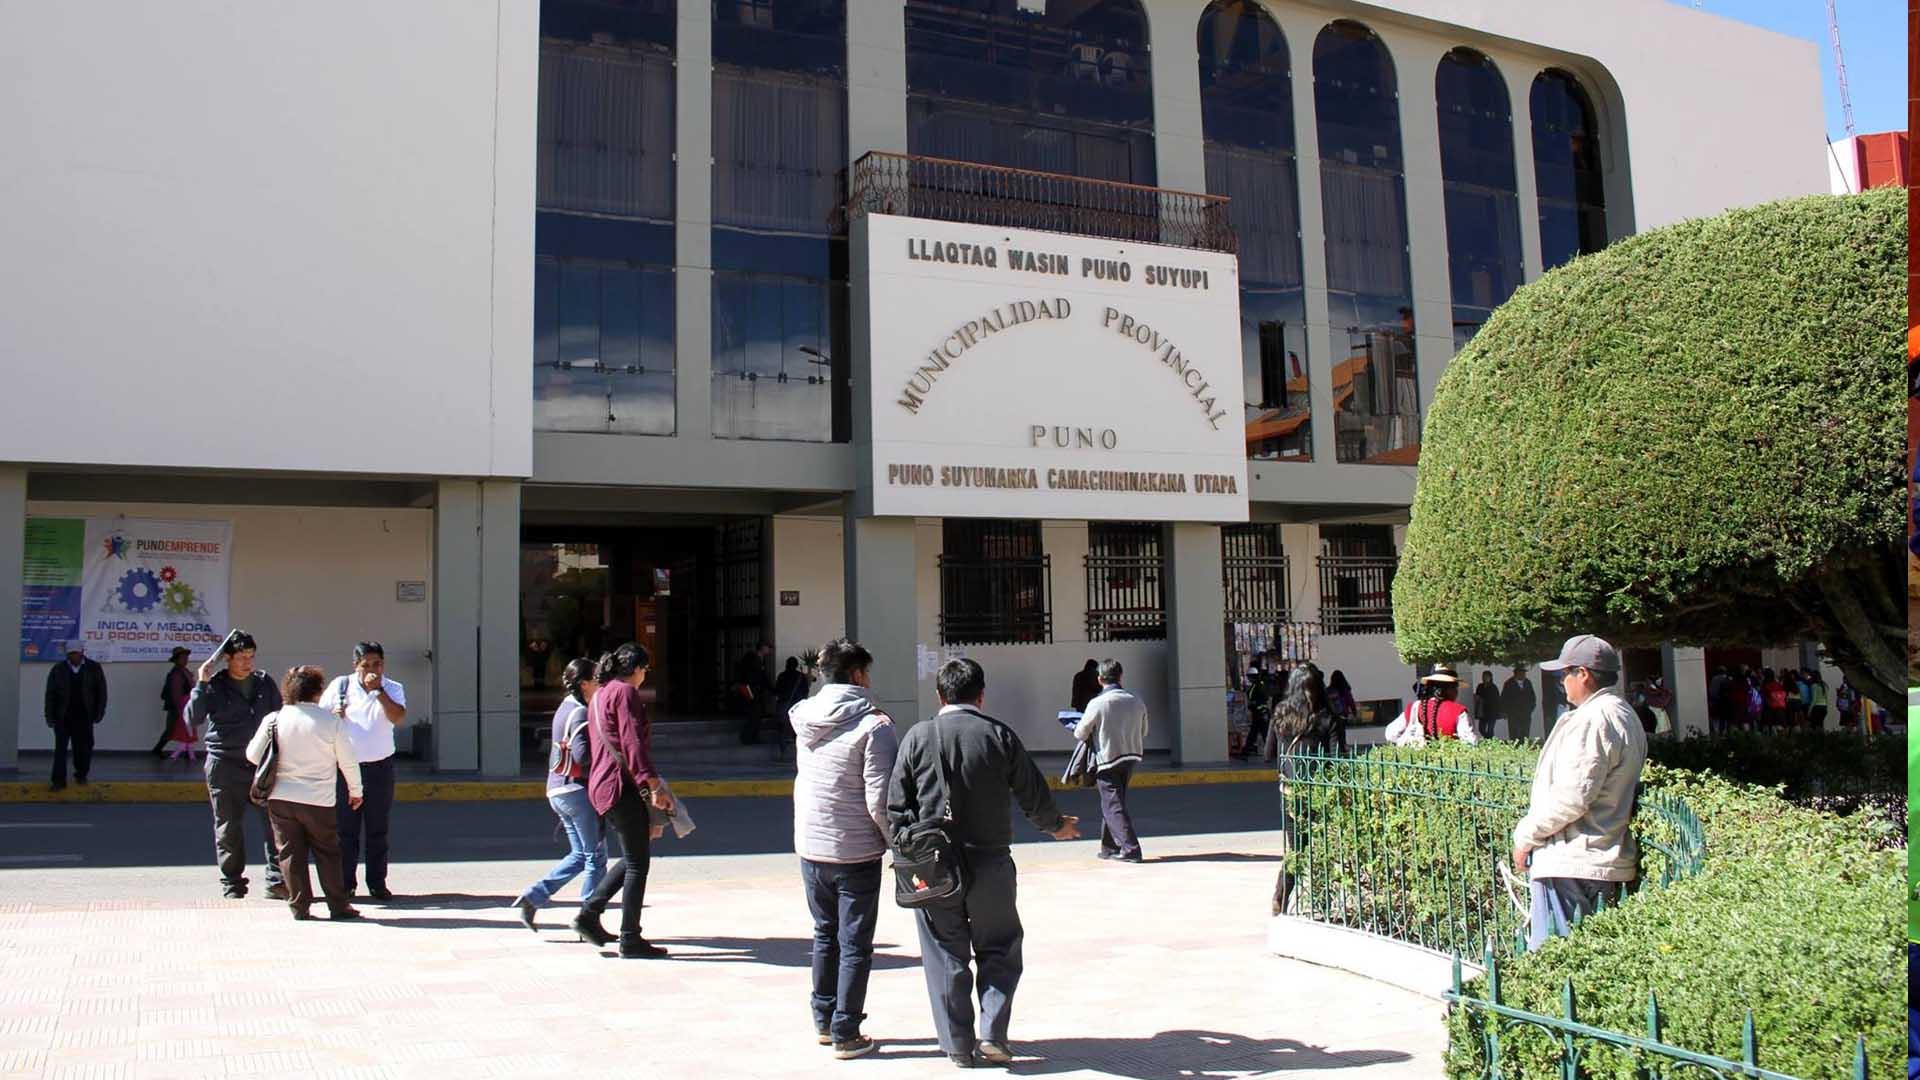 Municipalidad Provincial de Puno